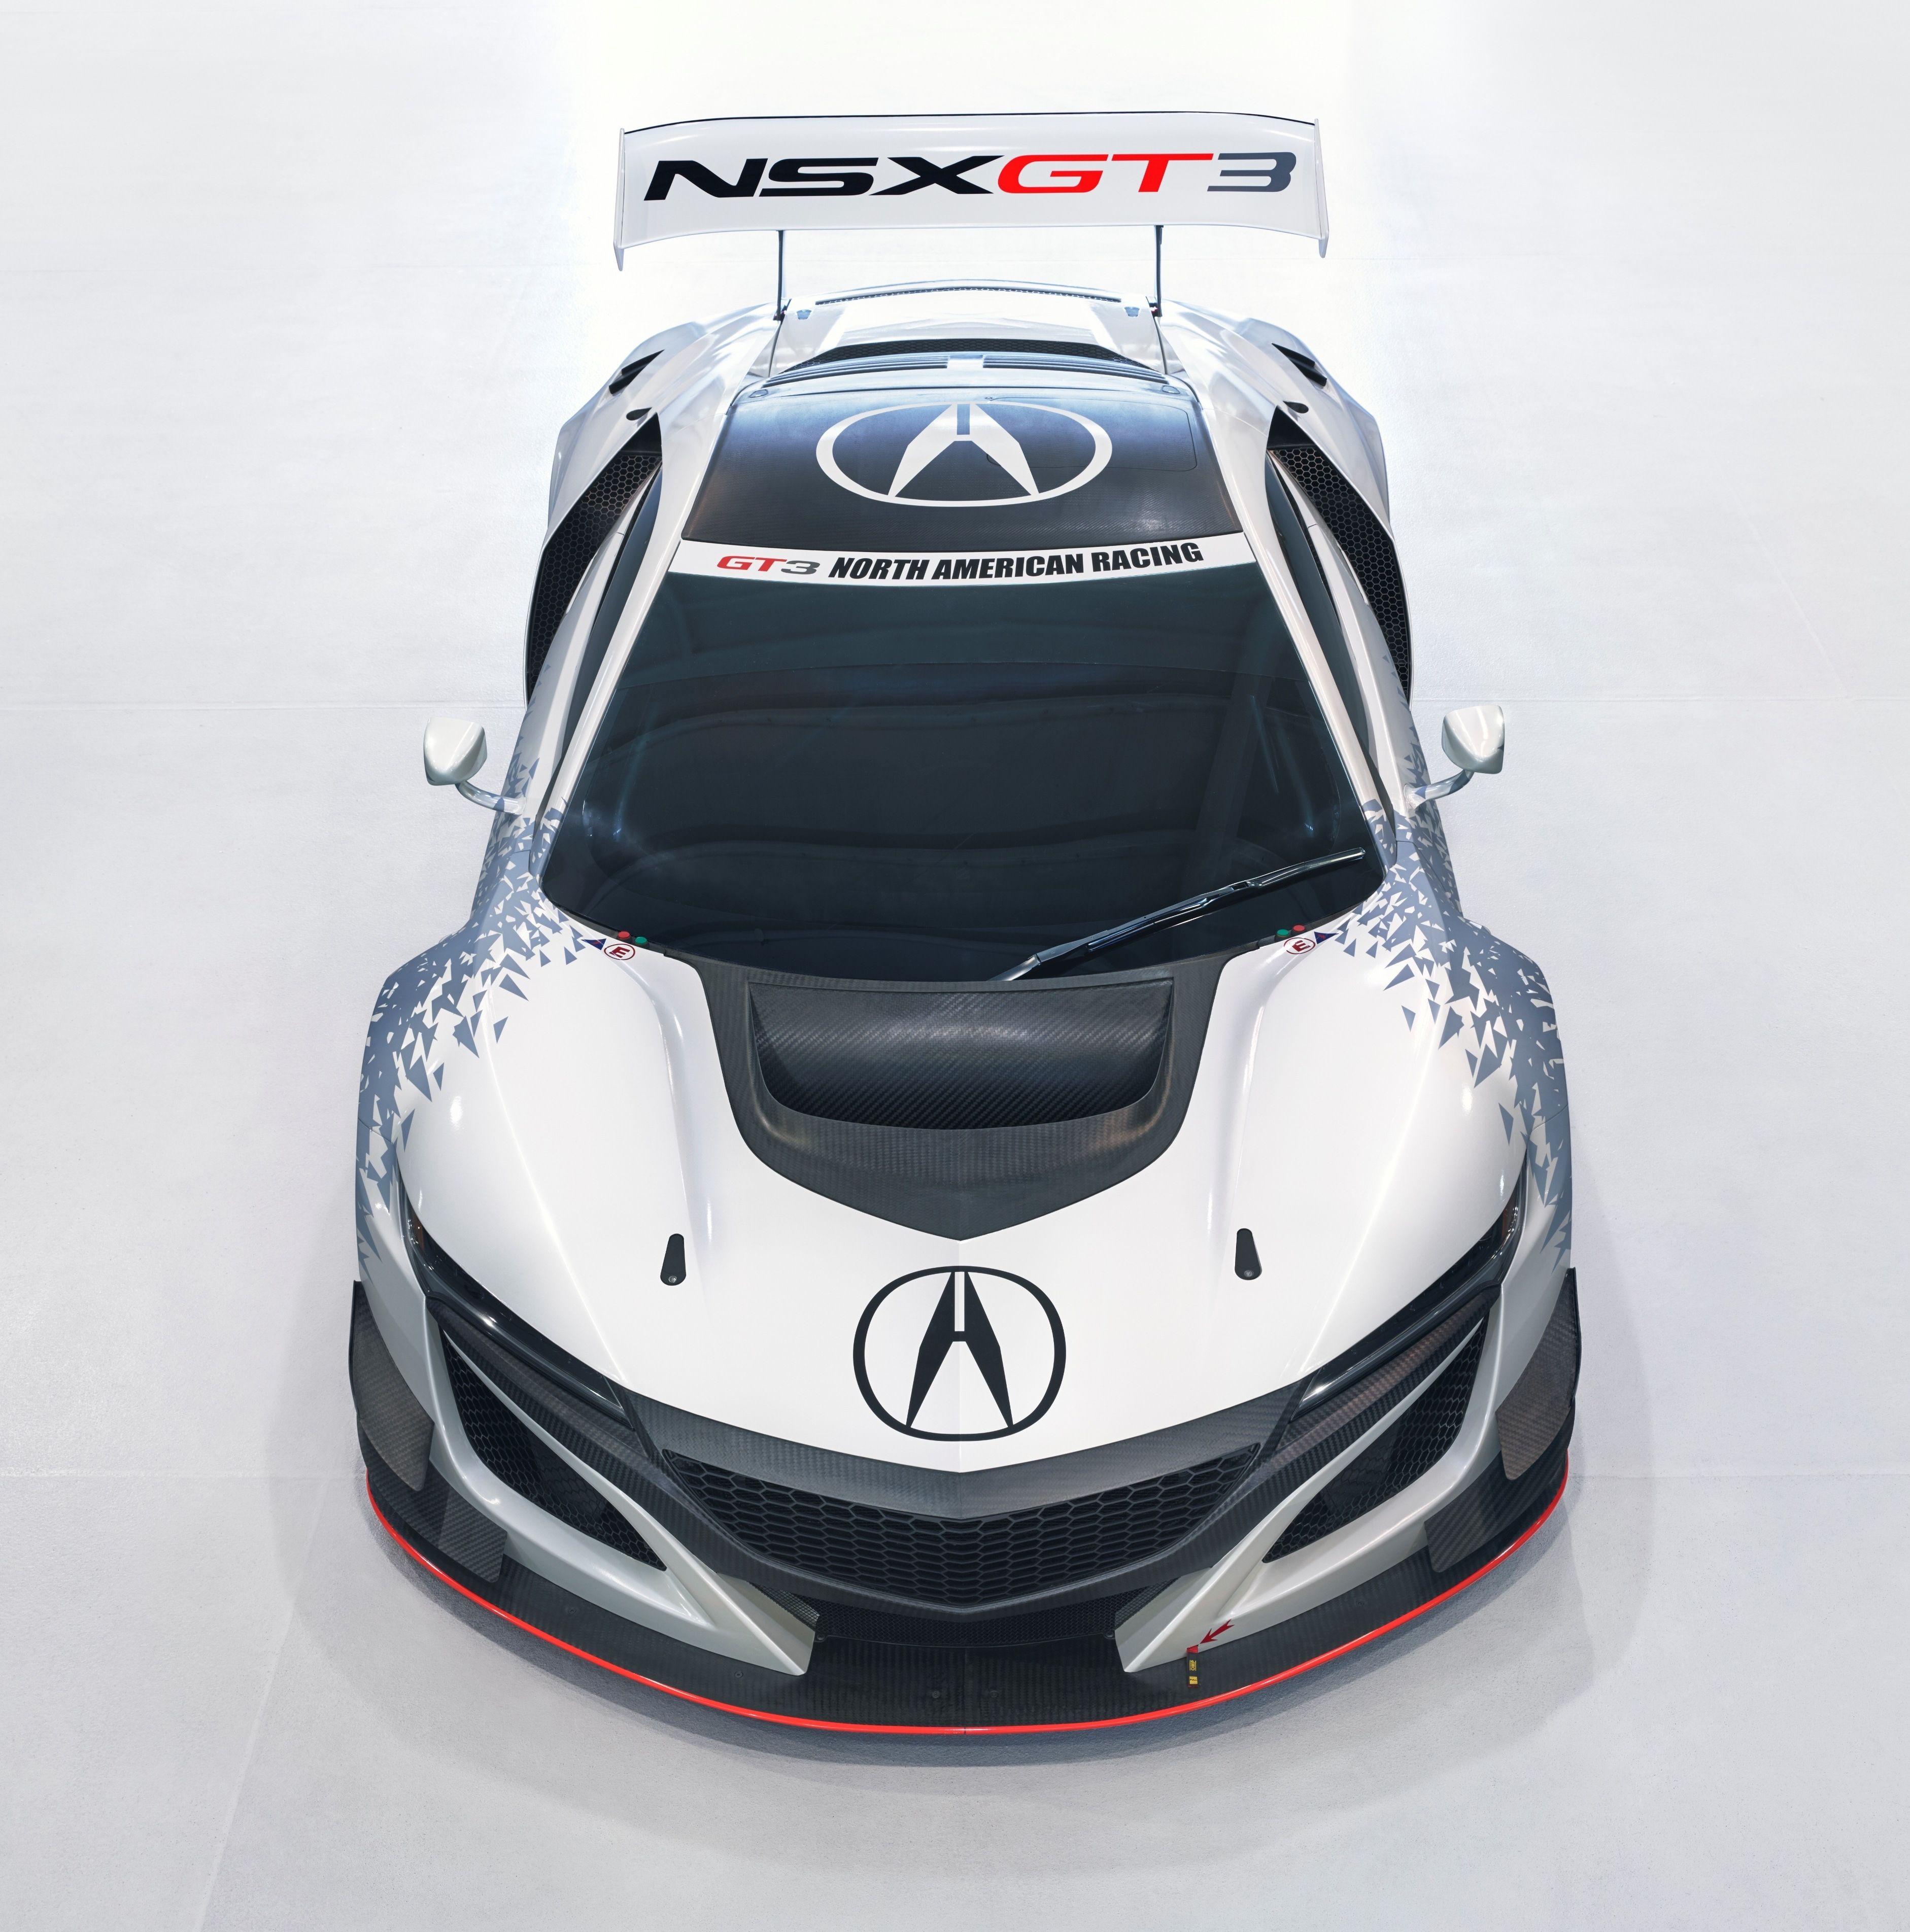 Acura NSX GT3 Race Car Cars Pinterest